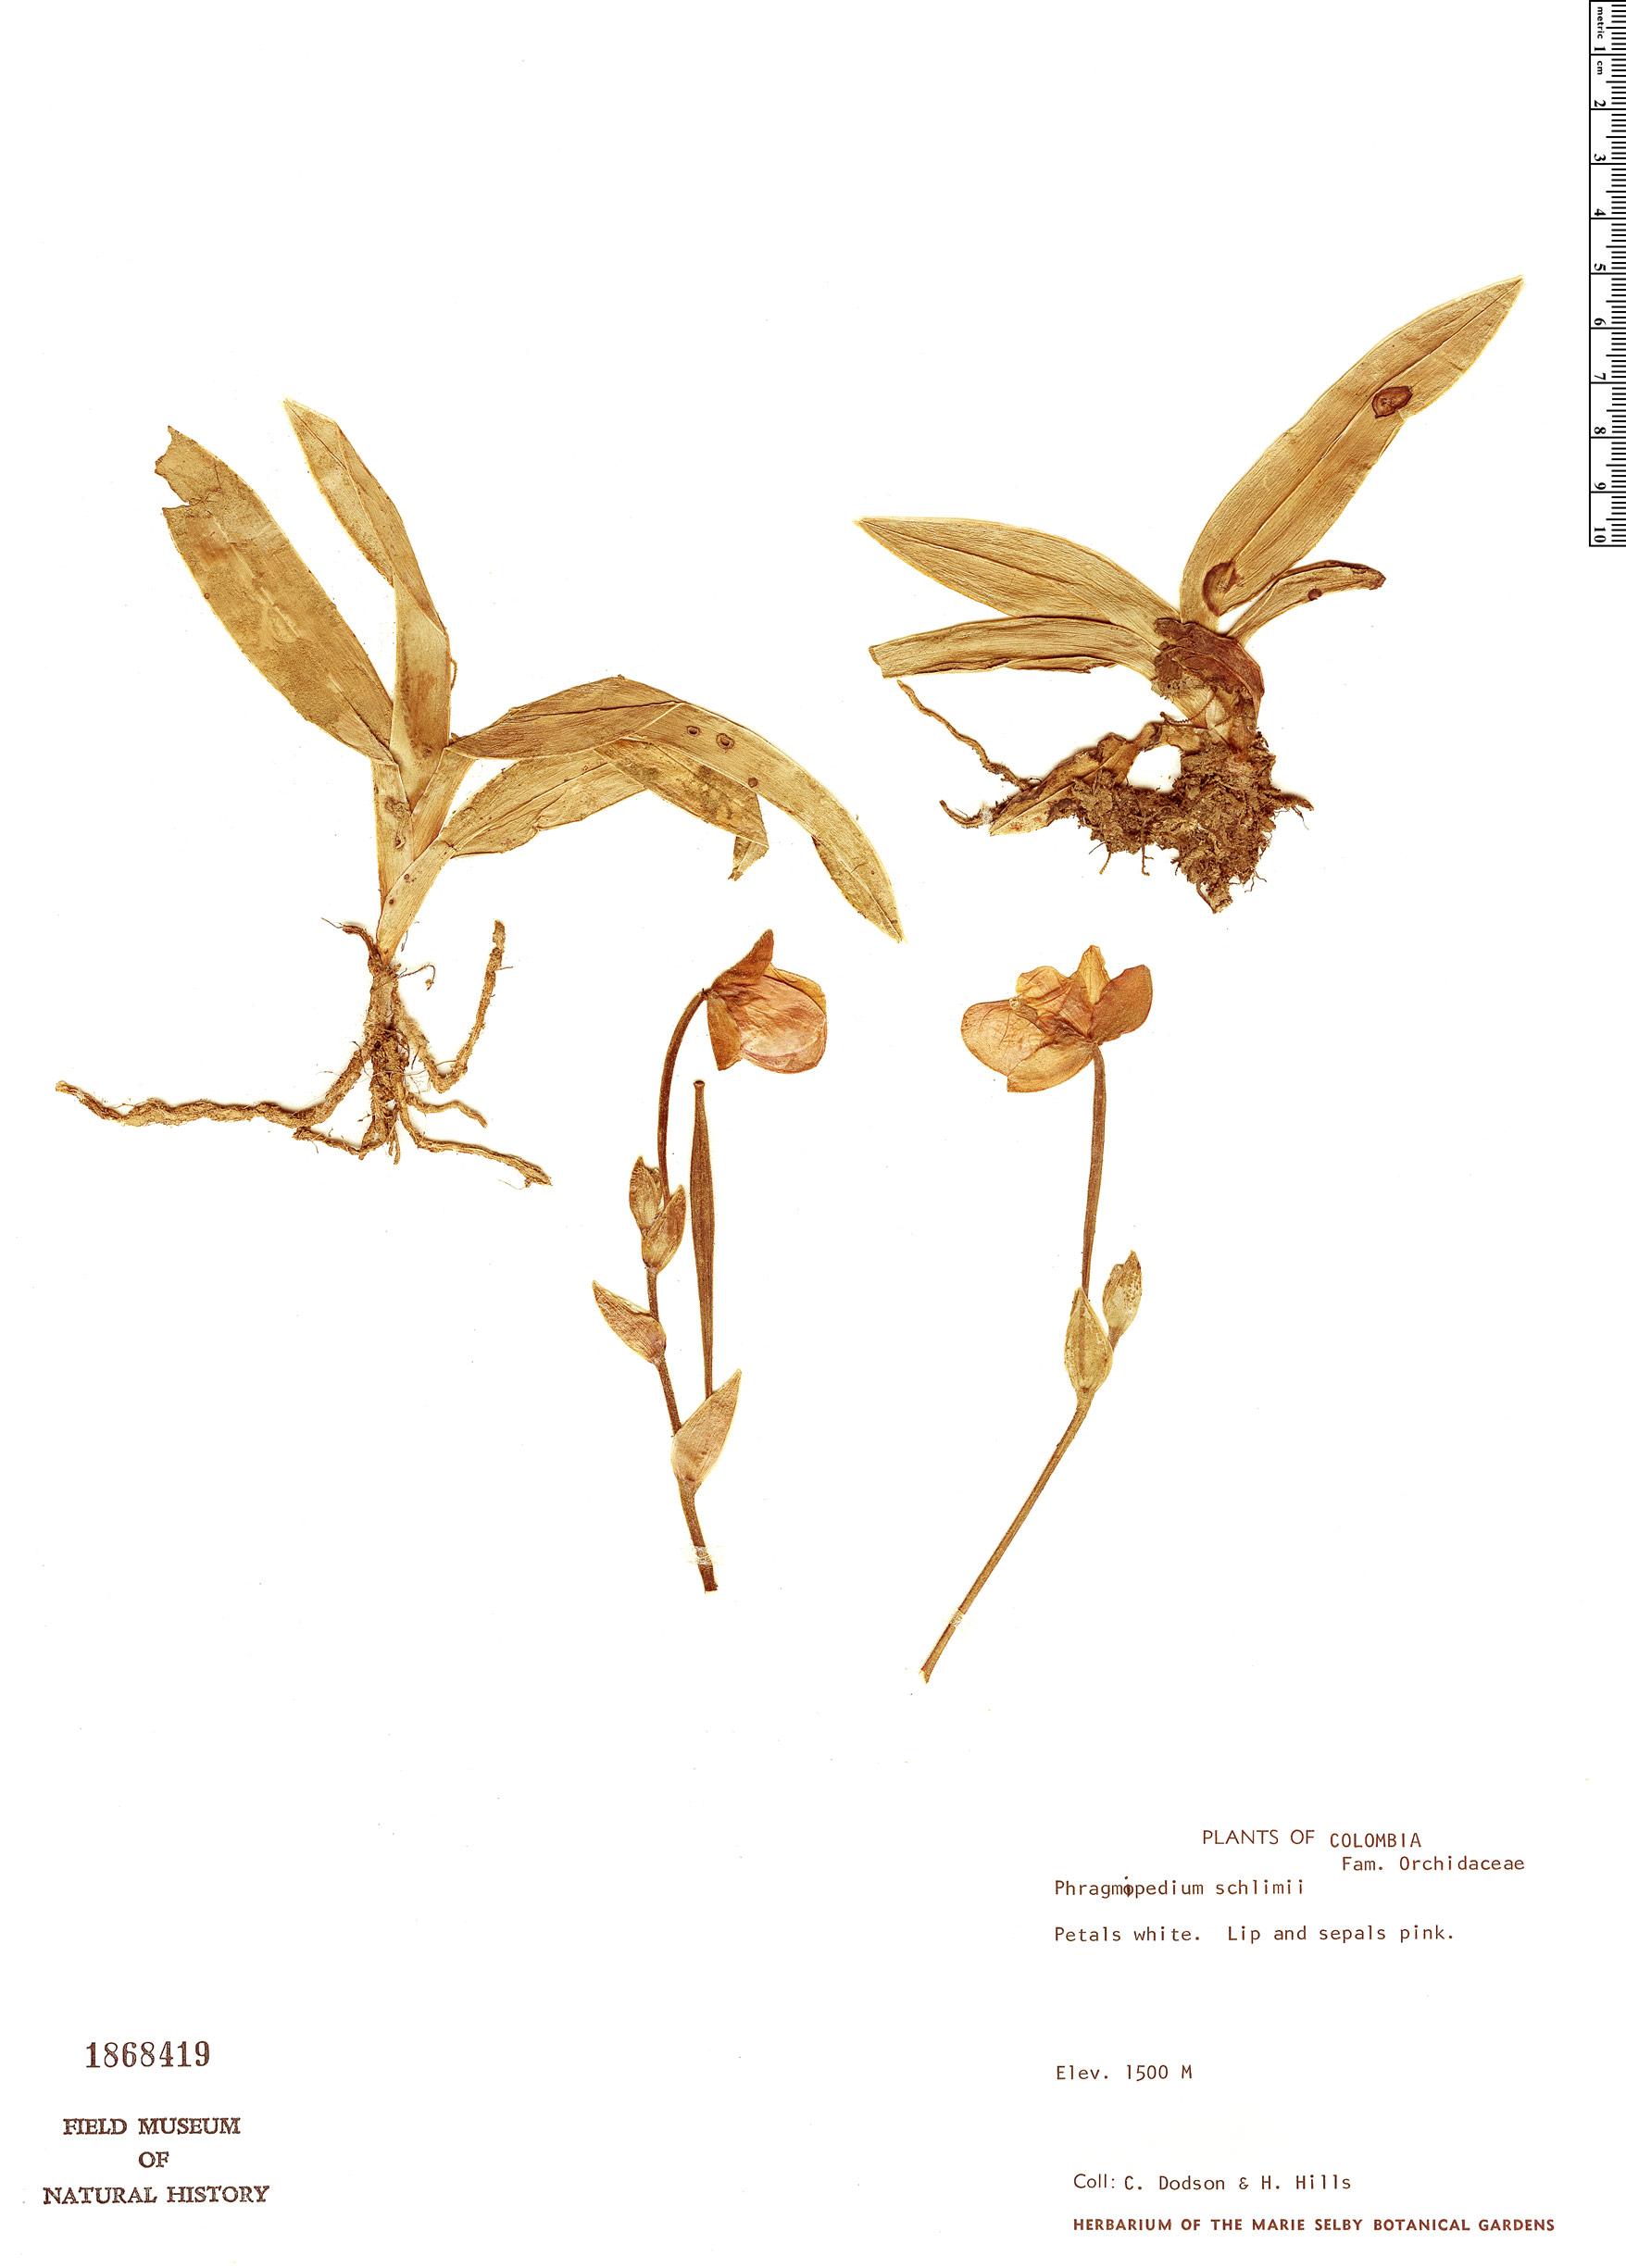 Specimen: Phragmipedium schlimii